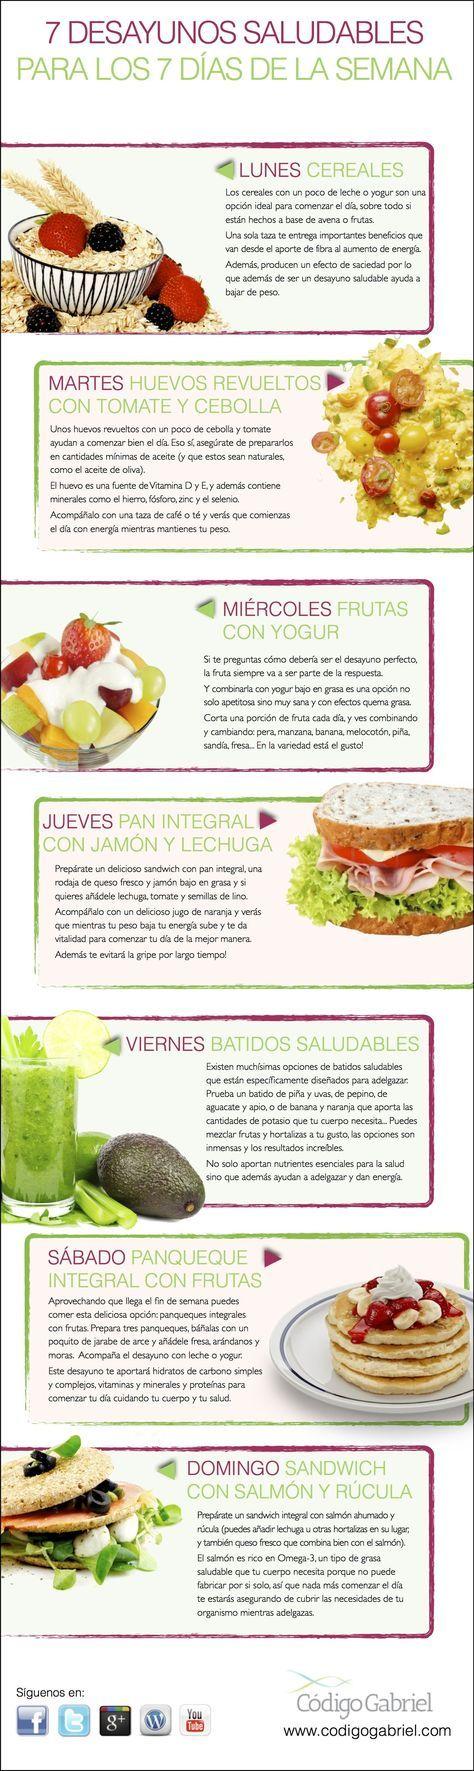 7 desayunos saludables para los 7 días de la semana   Infografías y Remedios